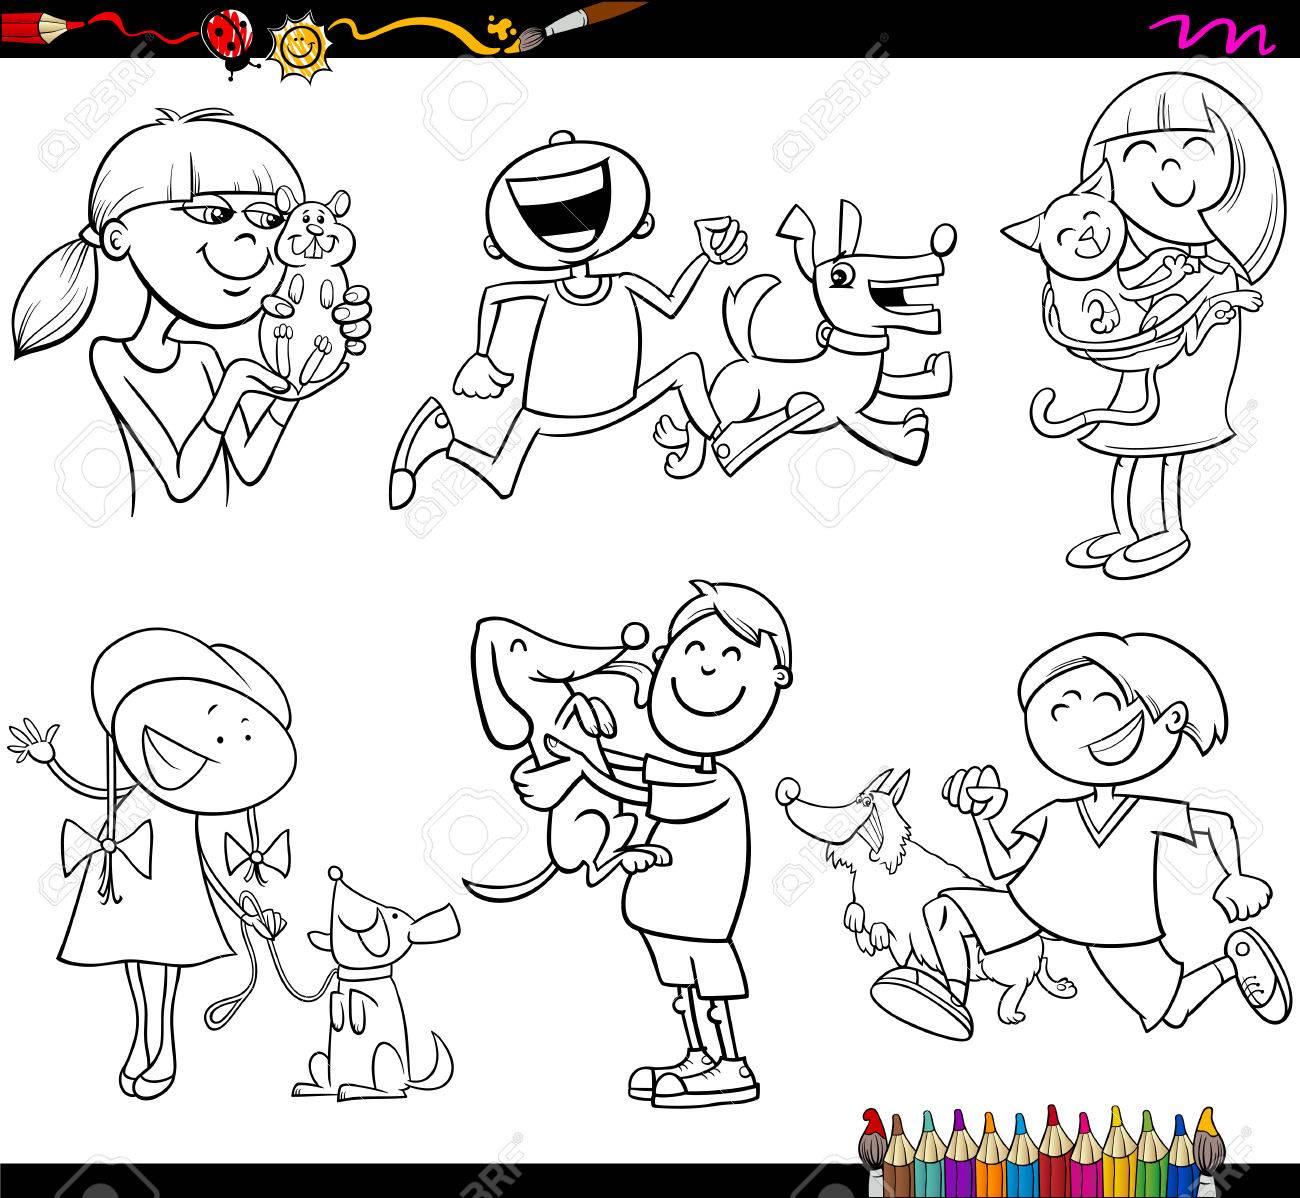 ペット キャラクターで子供のぬりえ本漫画イラスト セットのイラスト素材